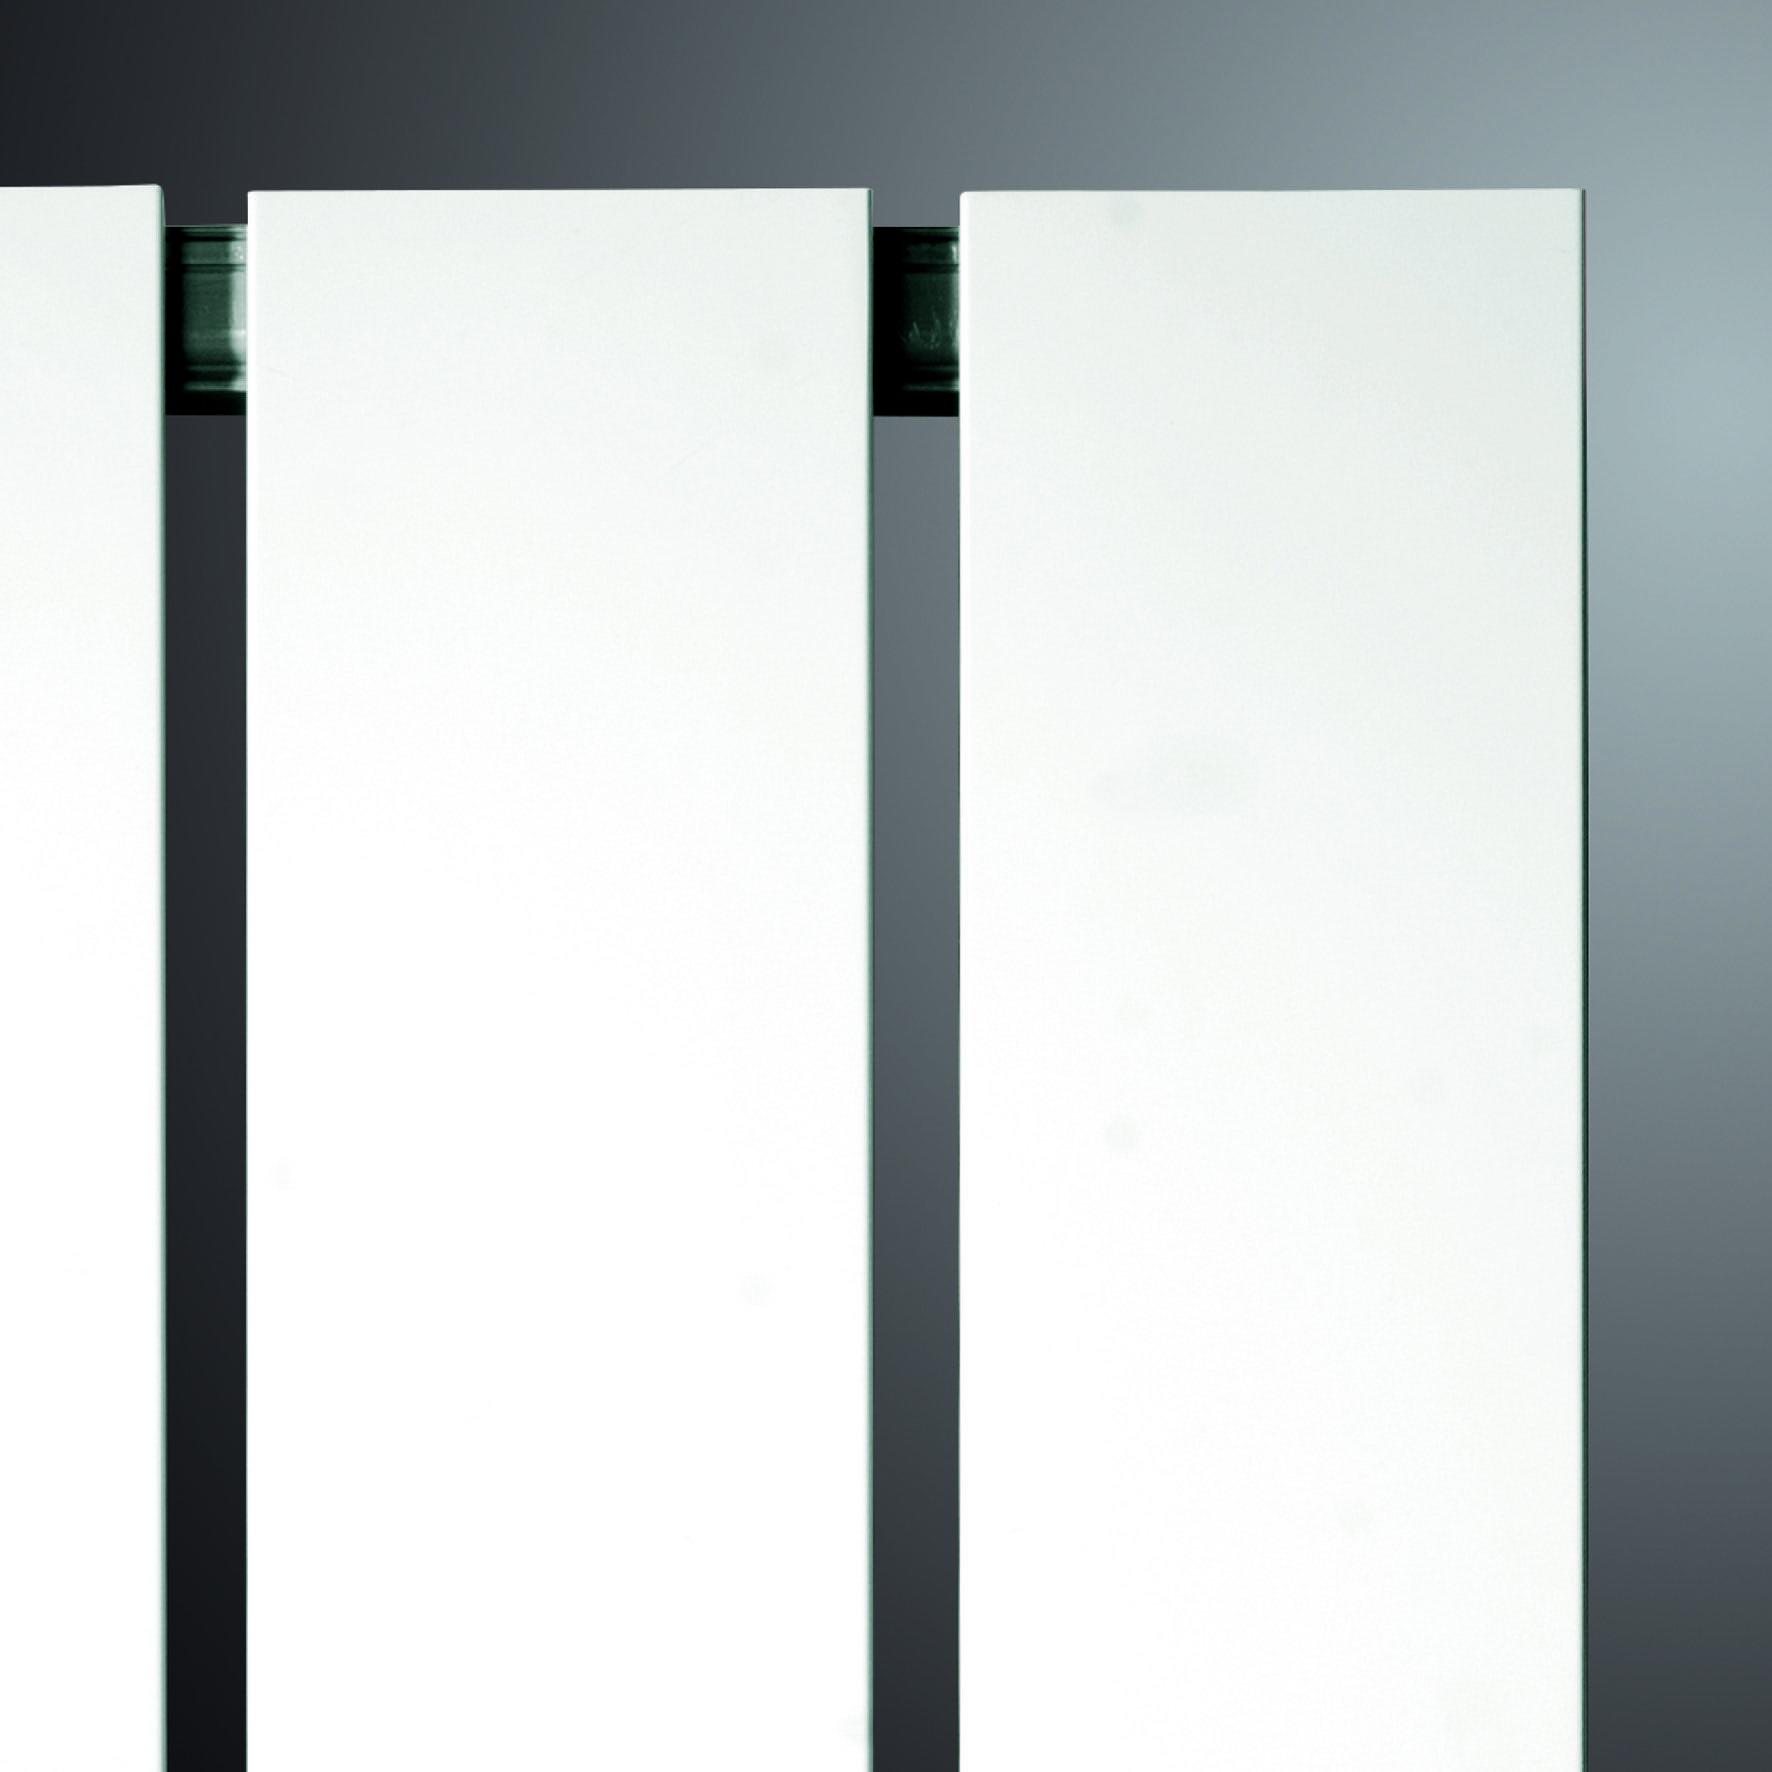 Full Size of Heizkörper Beams Elektroheizkörper Bad Wohnzimmer Für Badezimmer Wohnzimmer Vasco Heizkörper